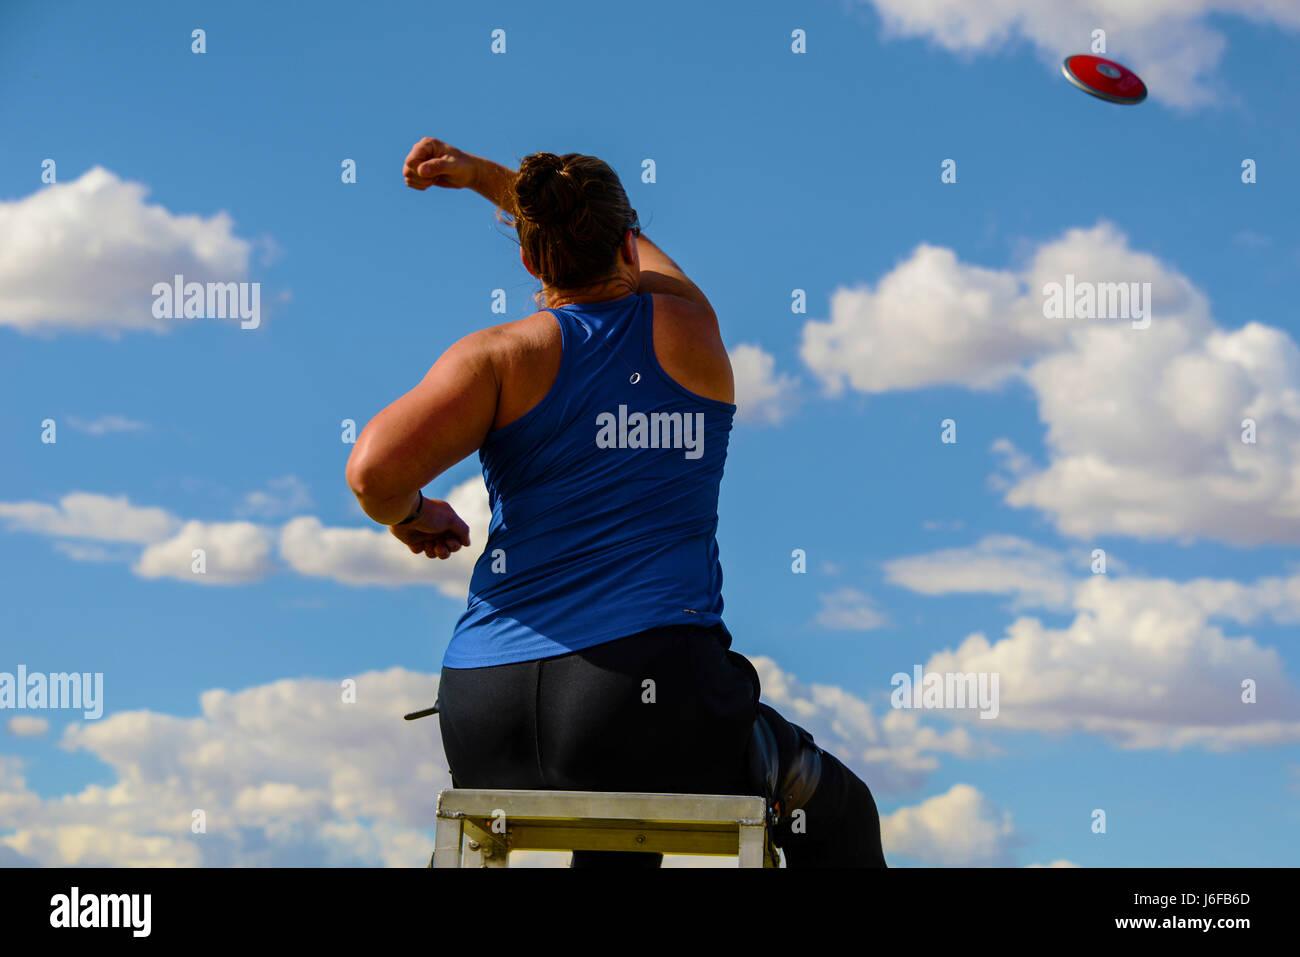 Christy Gardner, 2017 concurrent aux Jeux paralympiques, pratiques jetant une discus 10 mai 2017, à la base Photo Stock